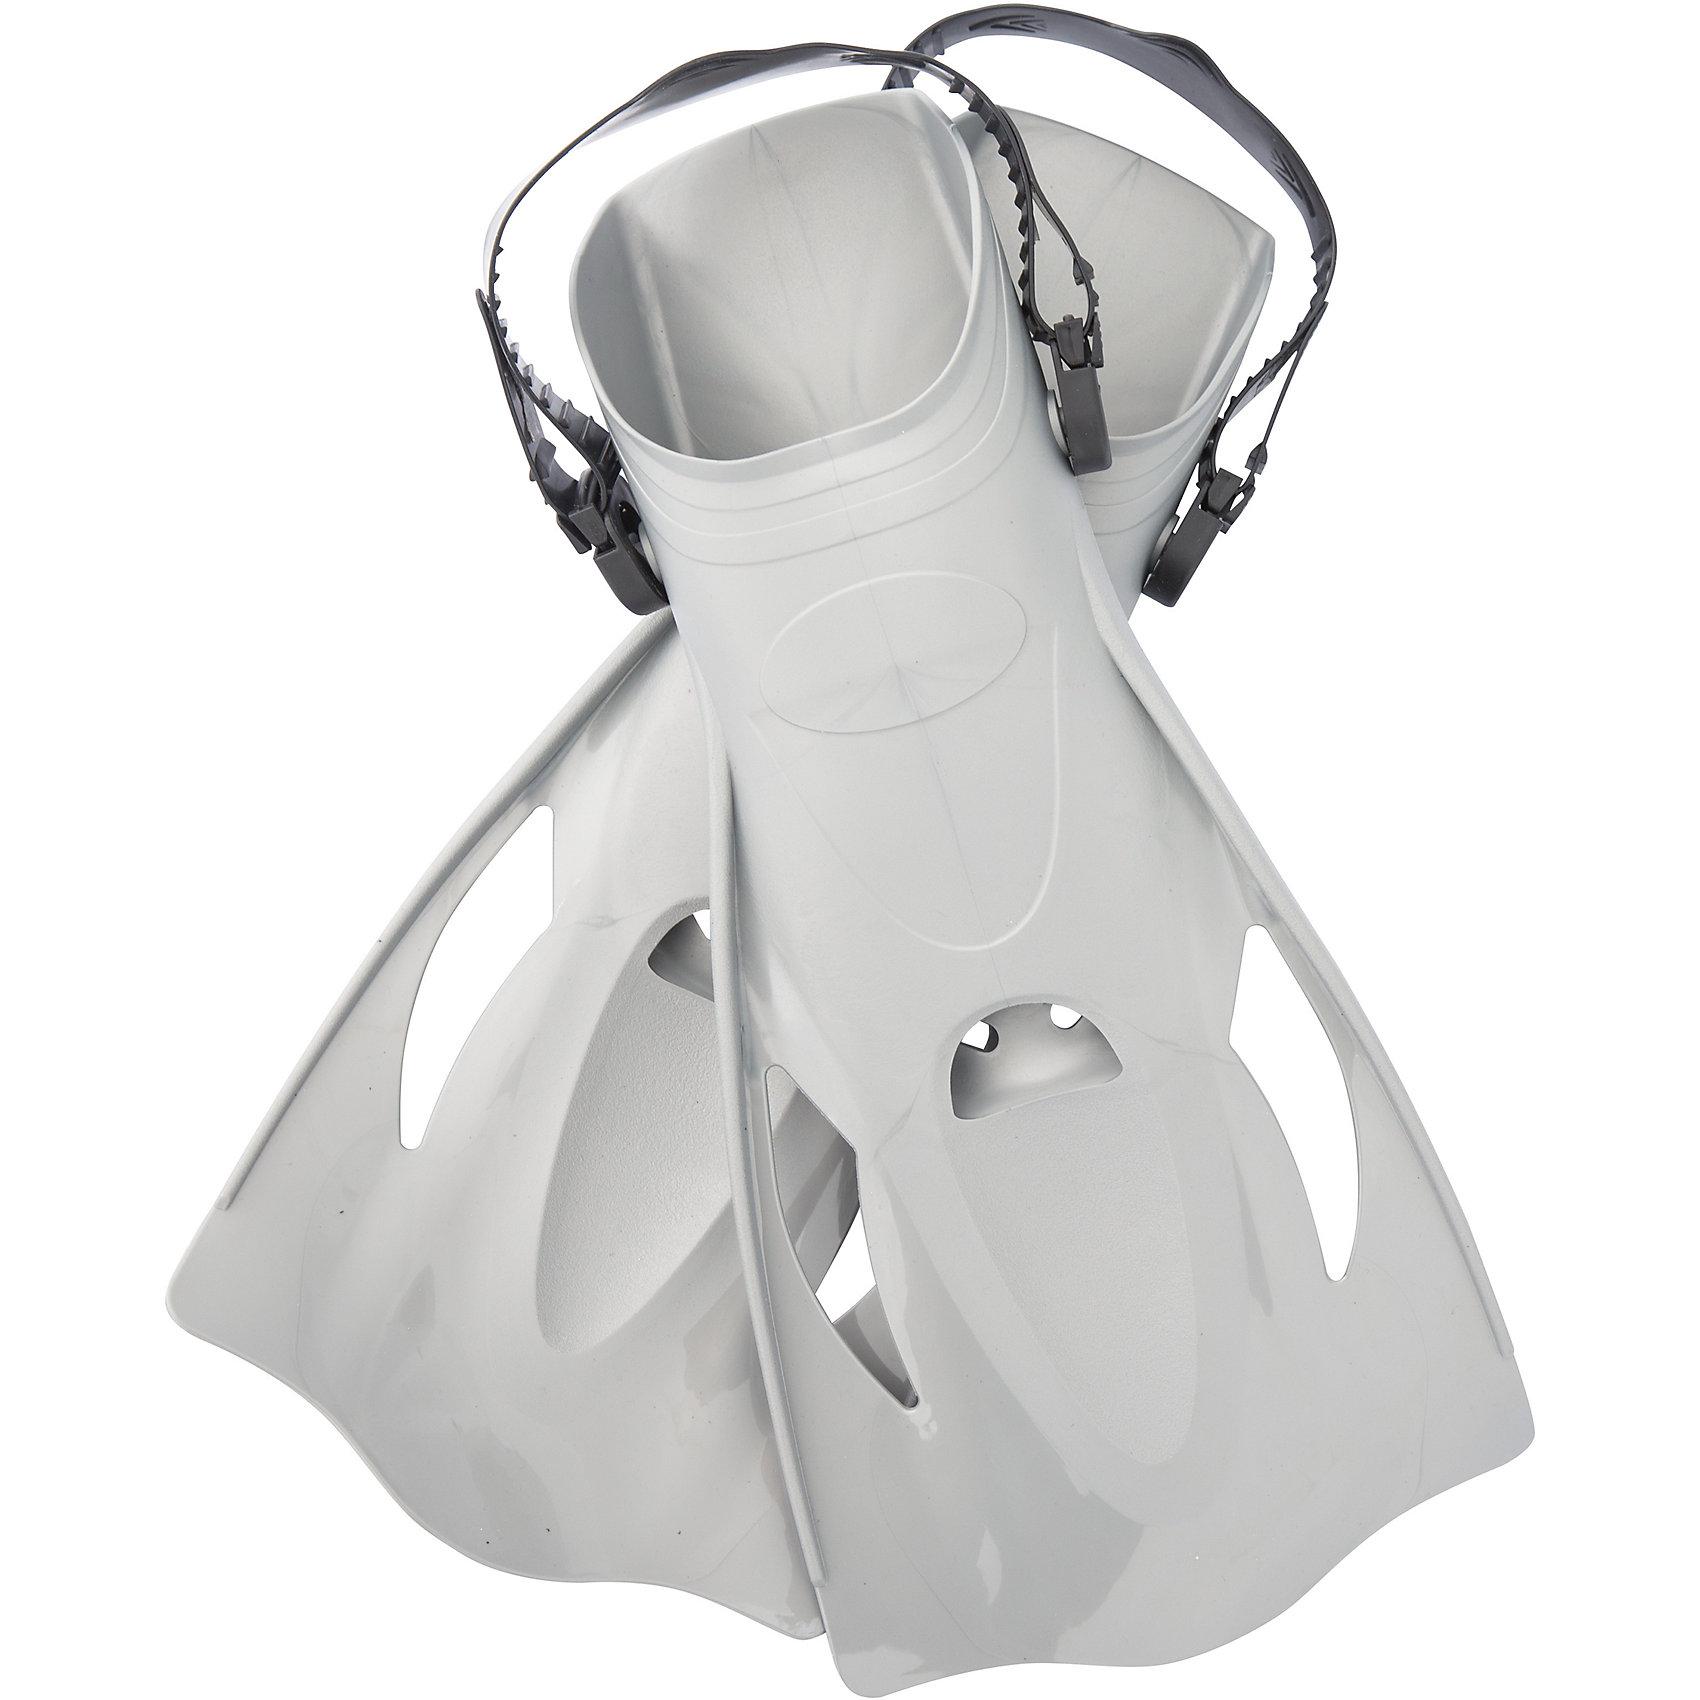 Ласты для плавания, р-р 41-46, серые, BestwayОчки, маски, ласты, шапочки<br>Ласты для плавания, р-р 41-46, серые, Bestway (Бествей)<br><br>Характеристики:<br><br>• регулируемый ремешок<br>• открытый носок<br>• гидродинамические ребра<br>• материал: пластик<br>• цвет: серый<br>• размер: 41-46<br>• размер упаковки: 20,5х45х52 см<br>• вес: 754 грамма<br><br>Ласты Bestway предназначены для плавания и ныряния детей от 14 лет. Ласты изготовлены из прочного долговечного пластика. Регулируемый ремешок и открытая пятка позволят вам придать ластам необходимый размер. Открытый носок препятствует скапливанию лишней воды внутри. Гидродинамические ребра и отверстия уменьшают боковое давление воды. <br><br>Ласты для плавания, р-р 41-46, серые, Bestway (Бествей), можно купить в нашем интернет-магазине.<br><br>Ширина мм: 520<br>Глубина мм: 450<br>Высота мм: 205<br>Вес г: 754<br>Возраст от месяцев: 168<br>Возраст до месяцев: 2147483647<br>Пол: Унисекс<br>Возраст: Детский<br>SKU: 5486877